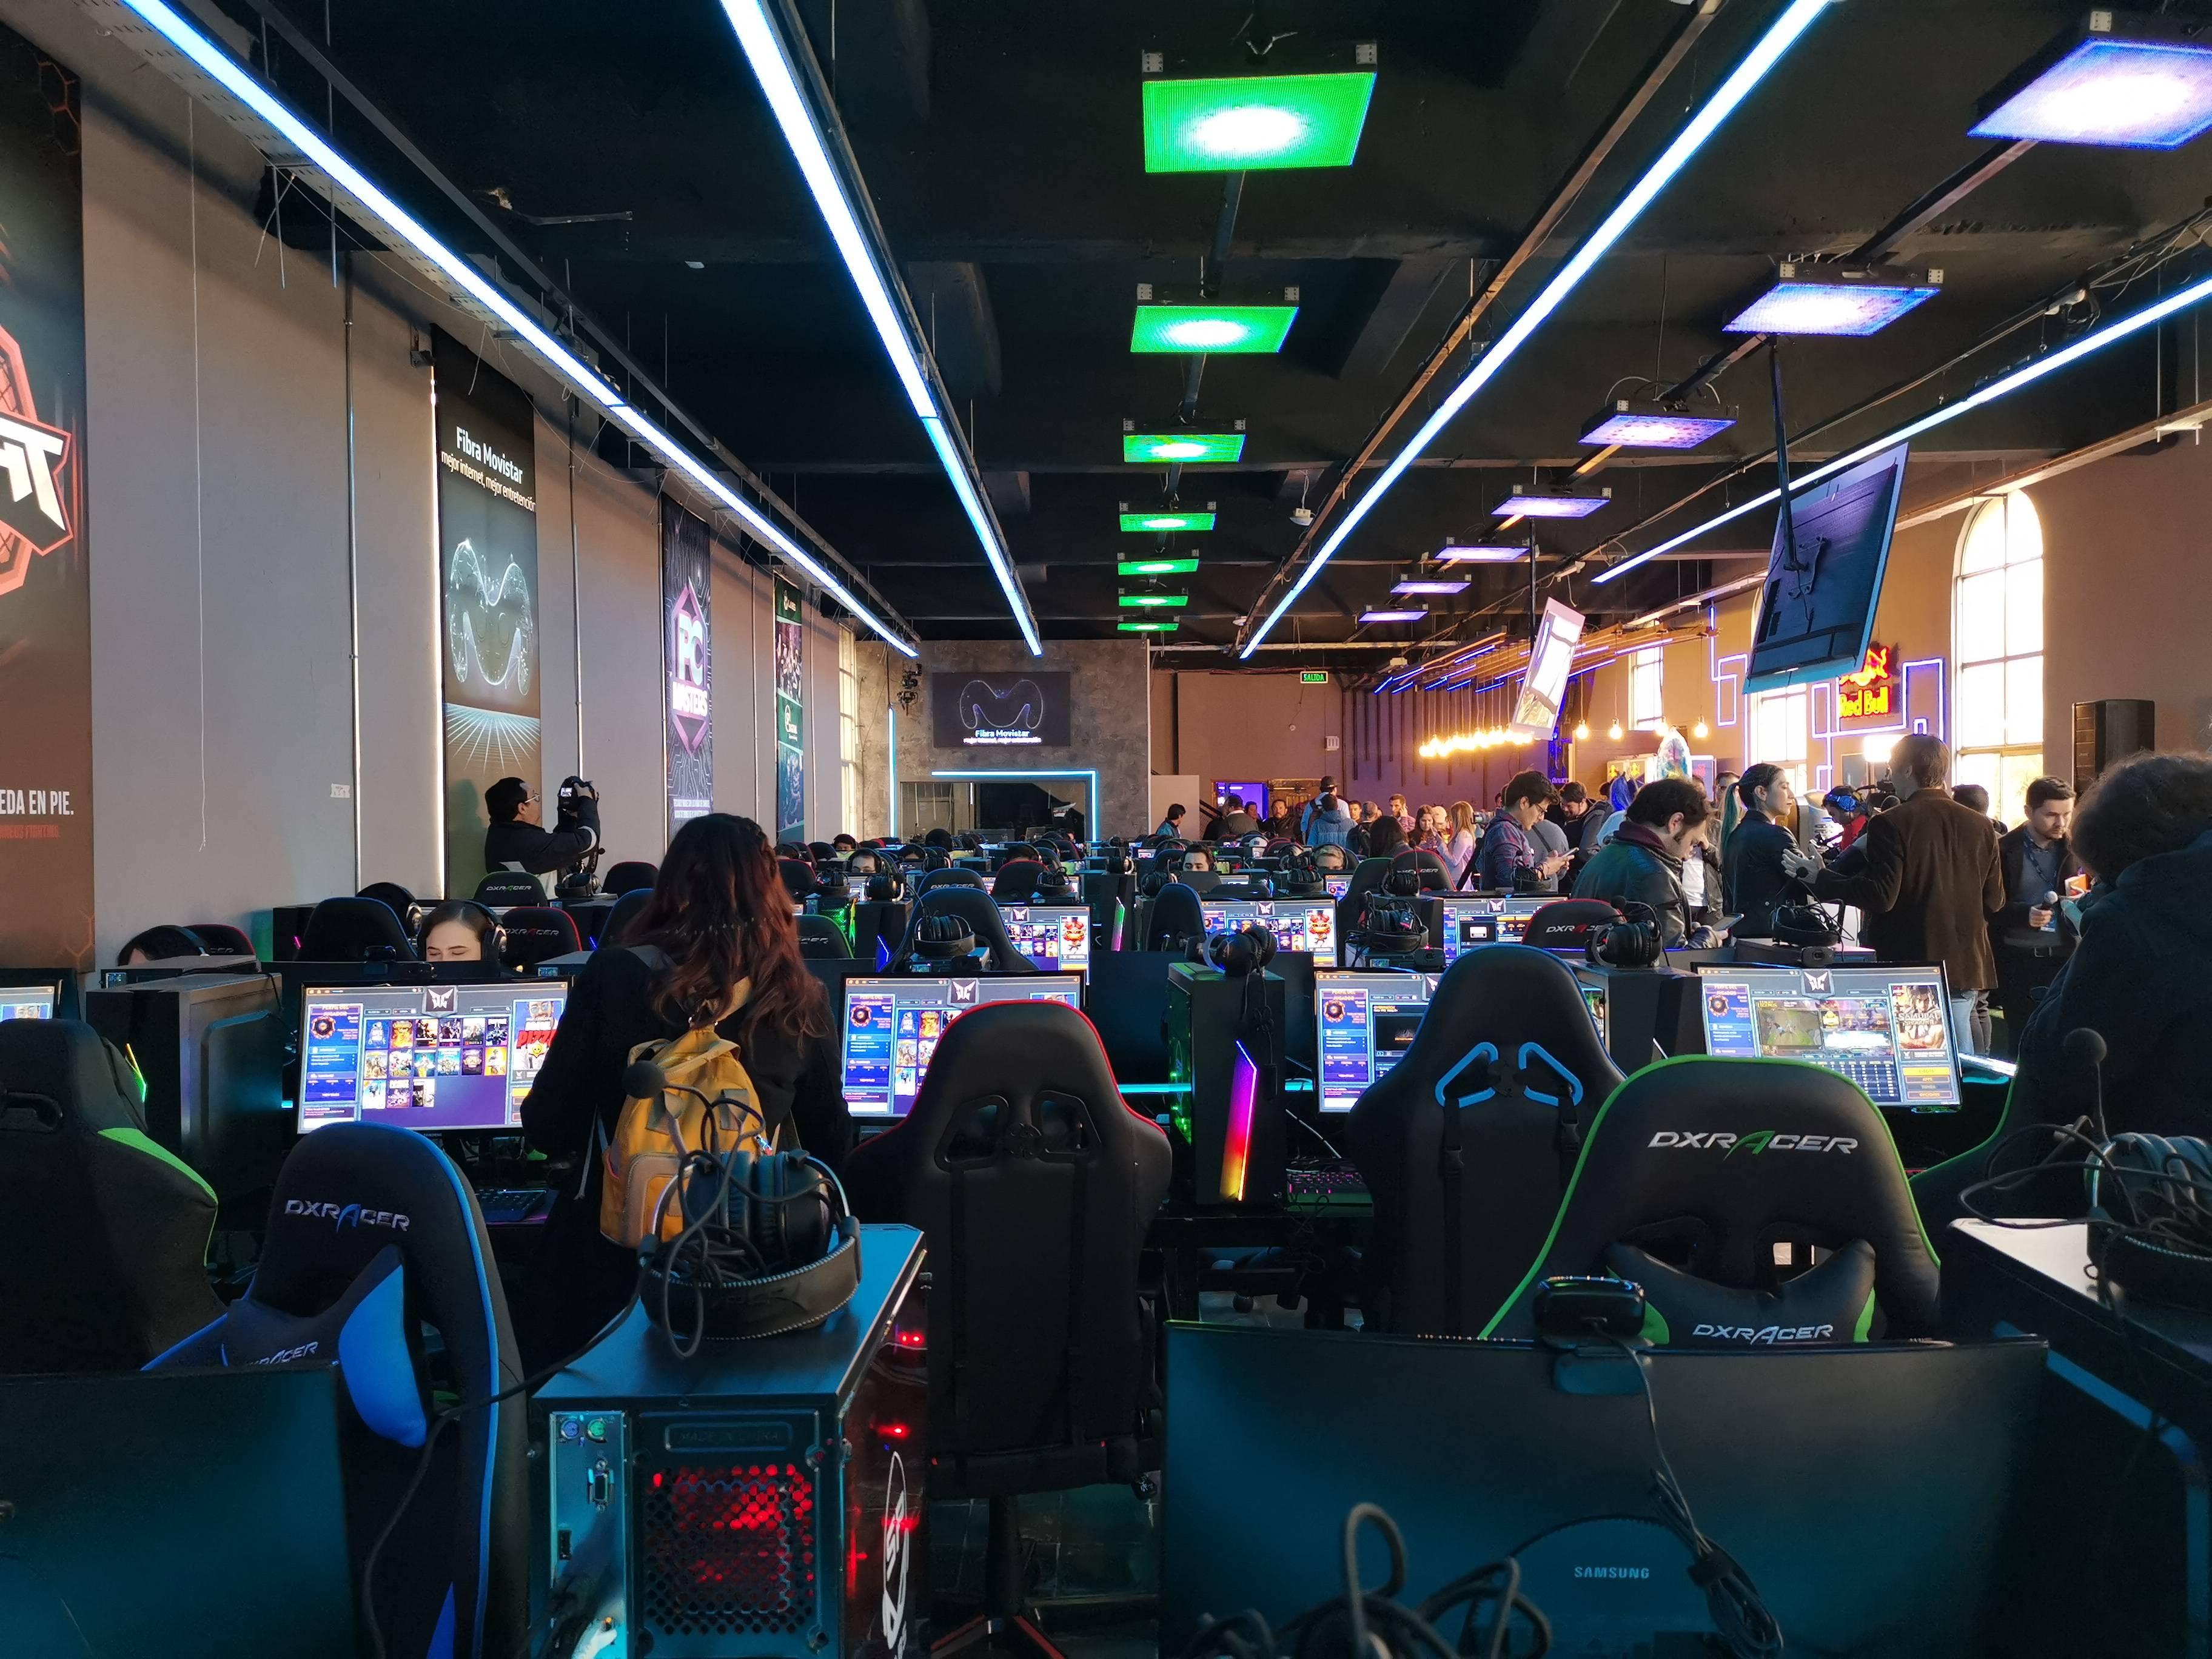 Inauguran en Chile el primer espacio para el mundo gamer llamado Movistar GameClub